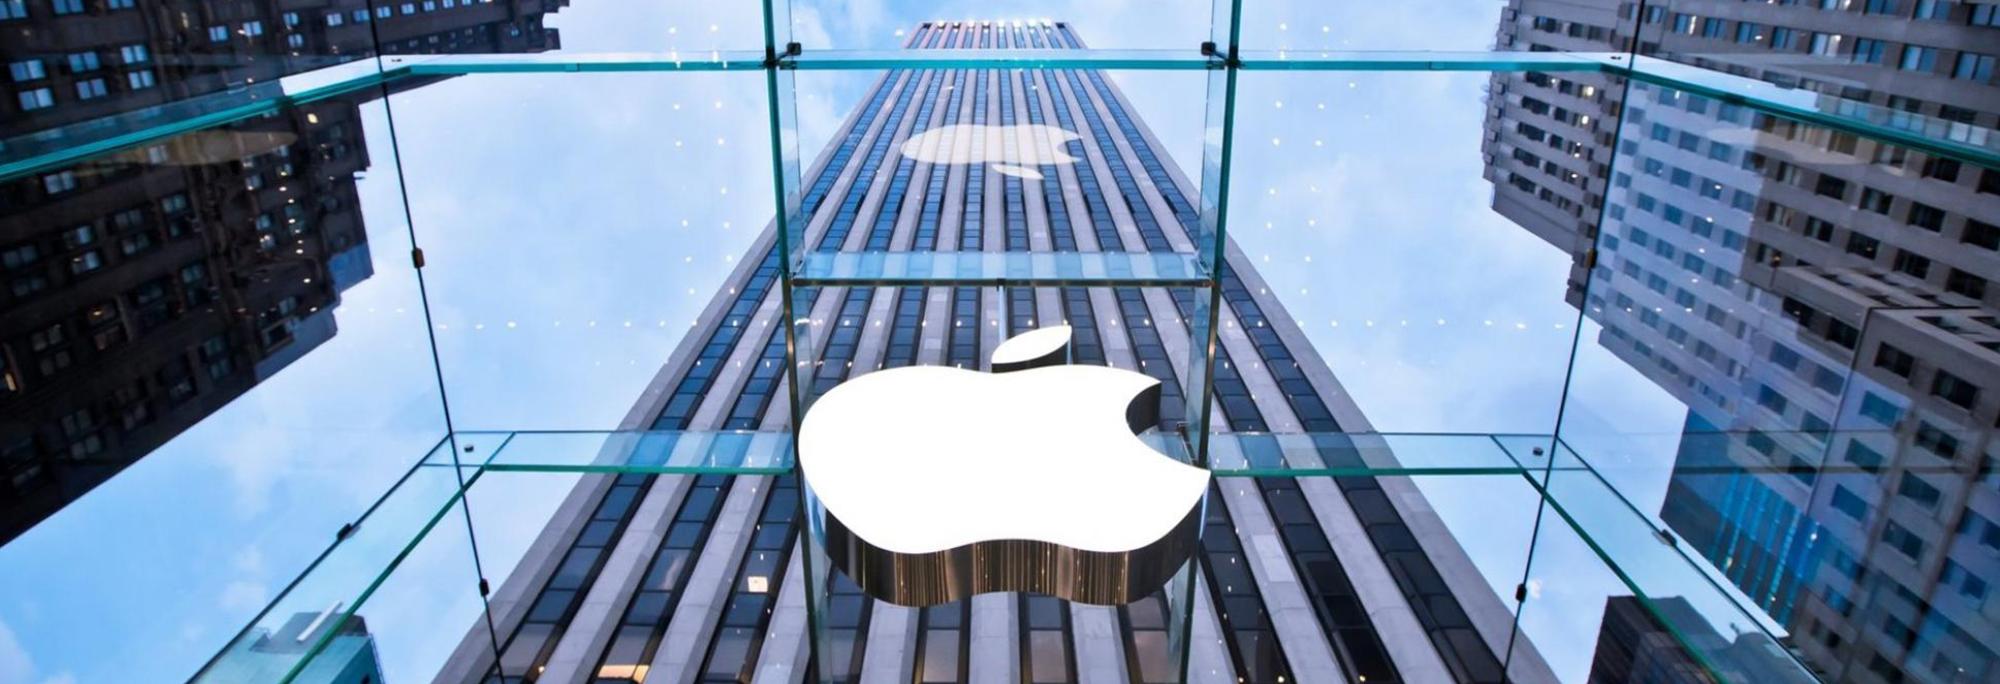 Apple и акции растущих компаний